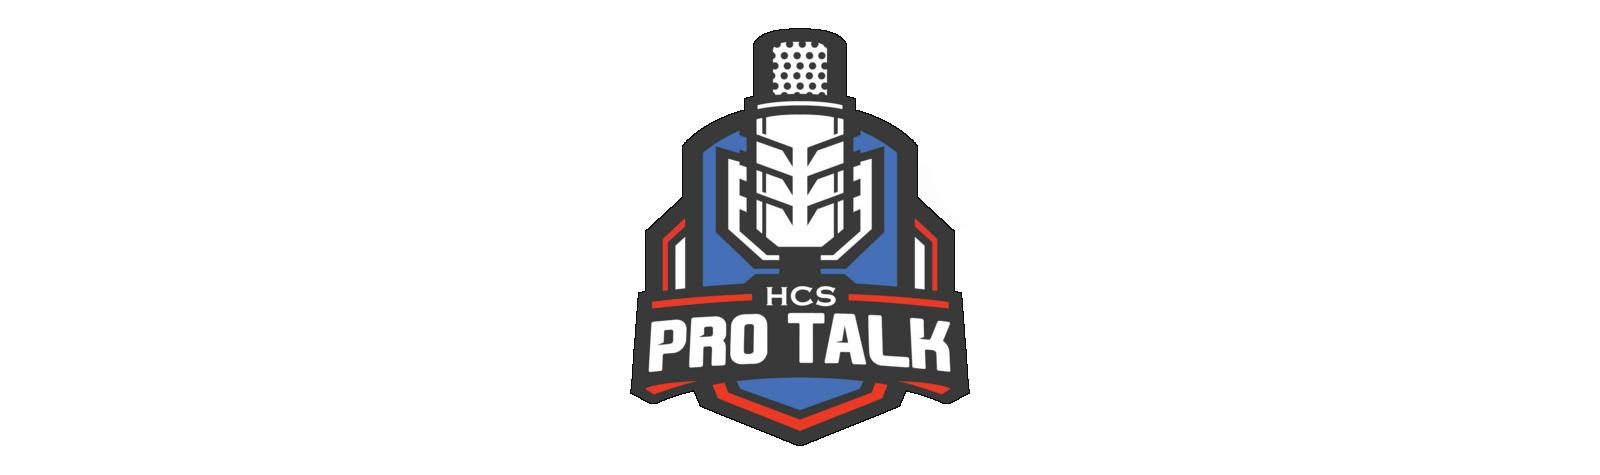 HCS Pro Talk – Episode 95